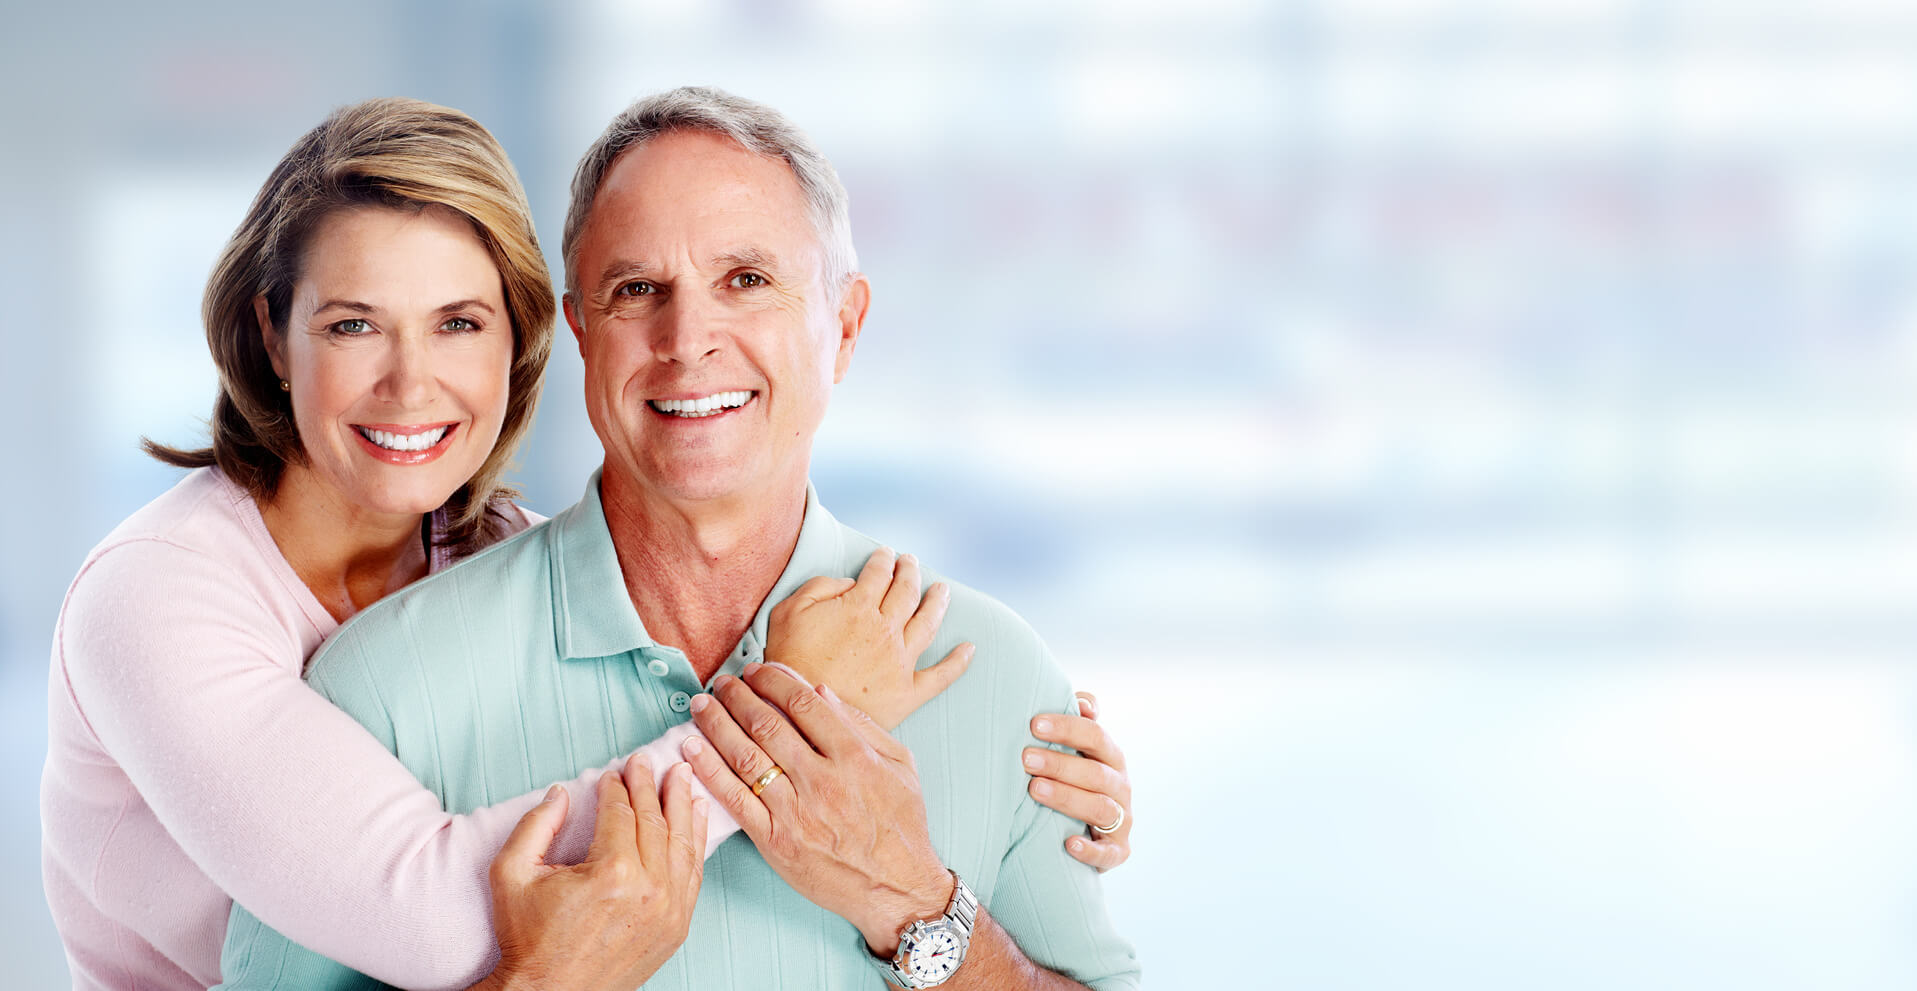 Najbrže lasersko izbjeljivanje zuba najbolja cijena u zagrebu